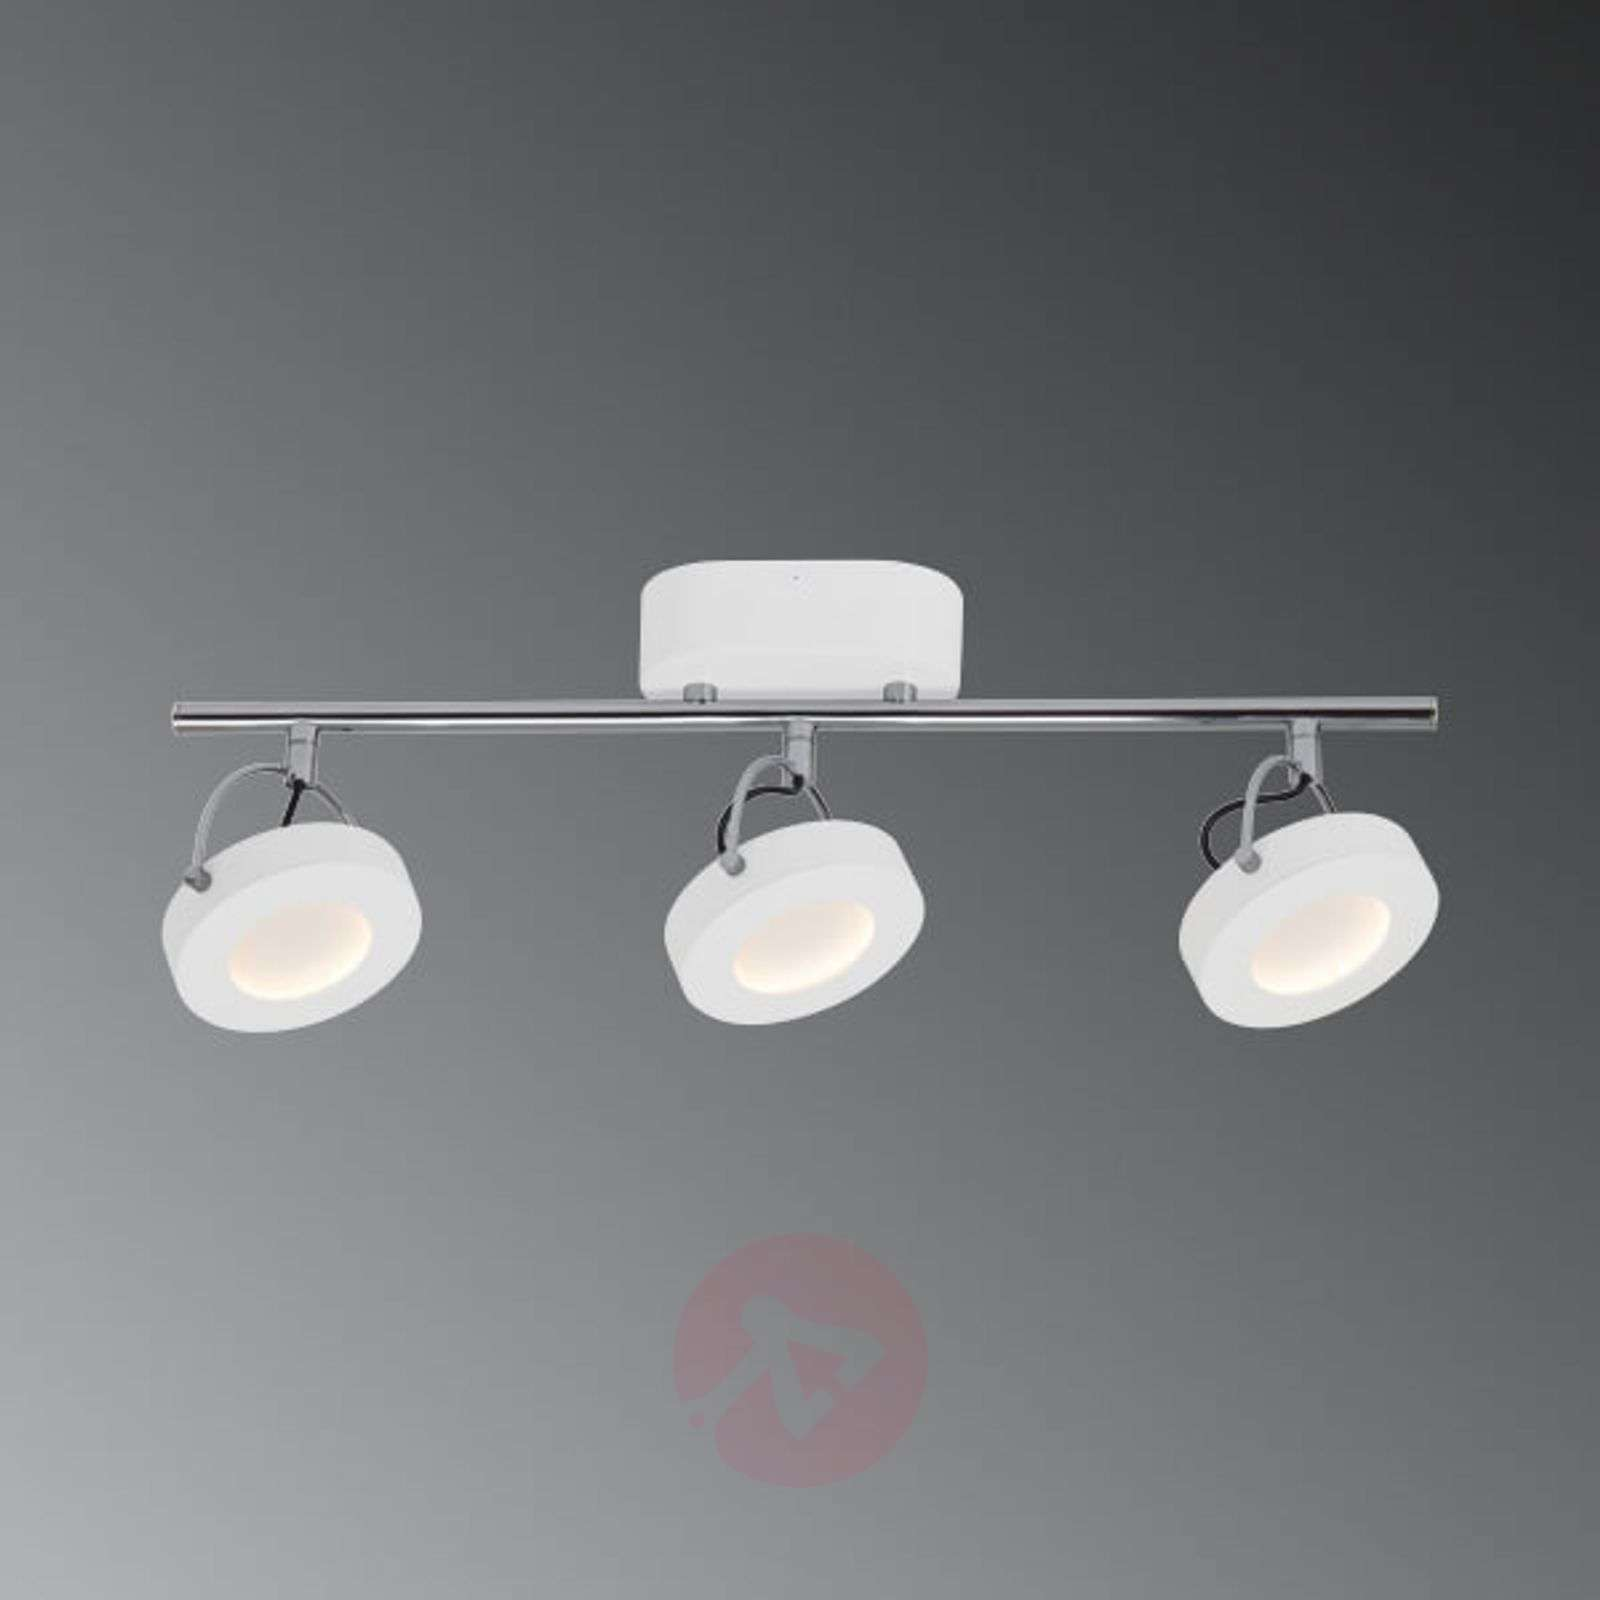 White Allora LED ceiling spotlight EasyDim-3057106-01